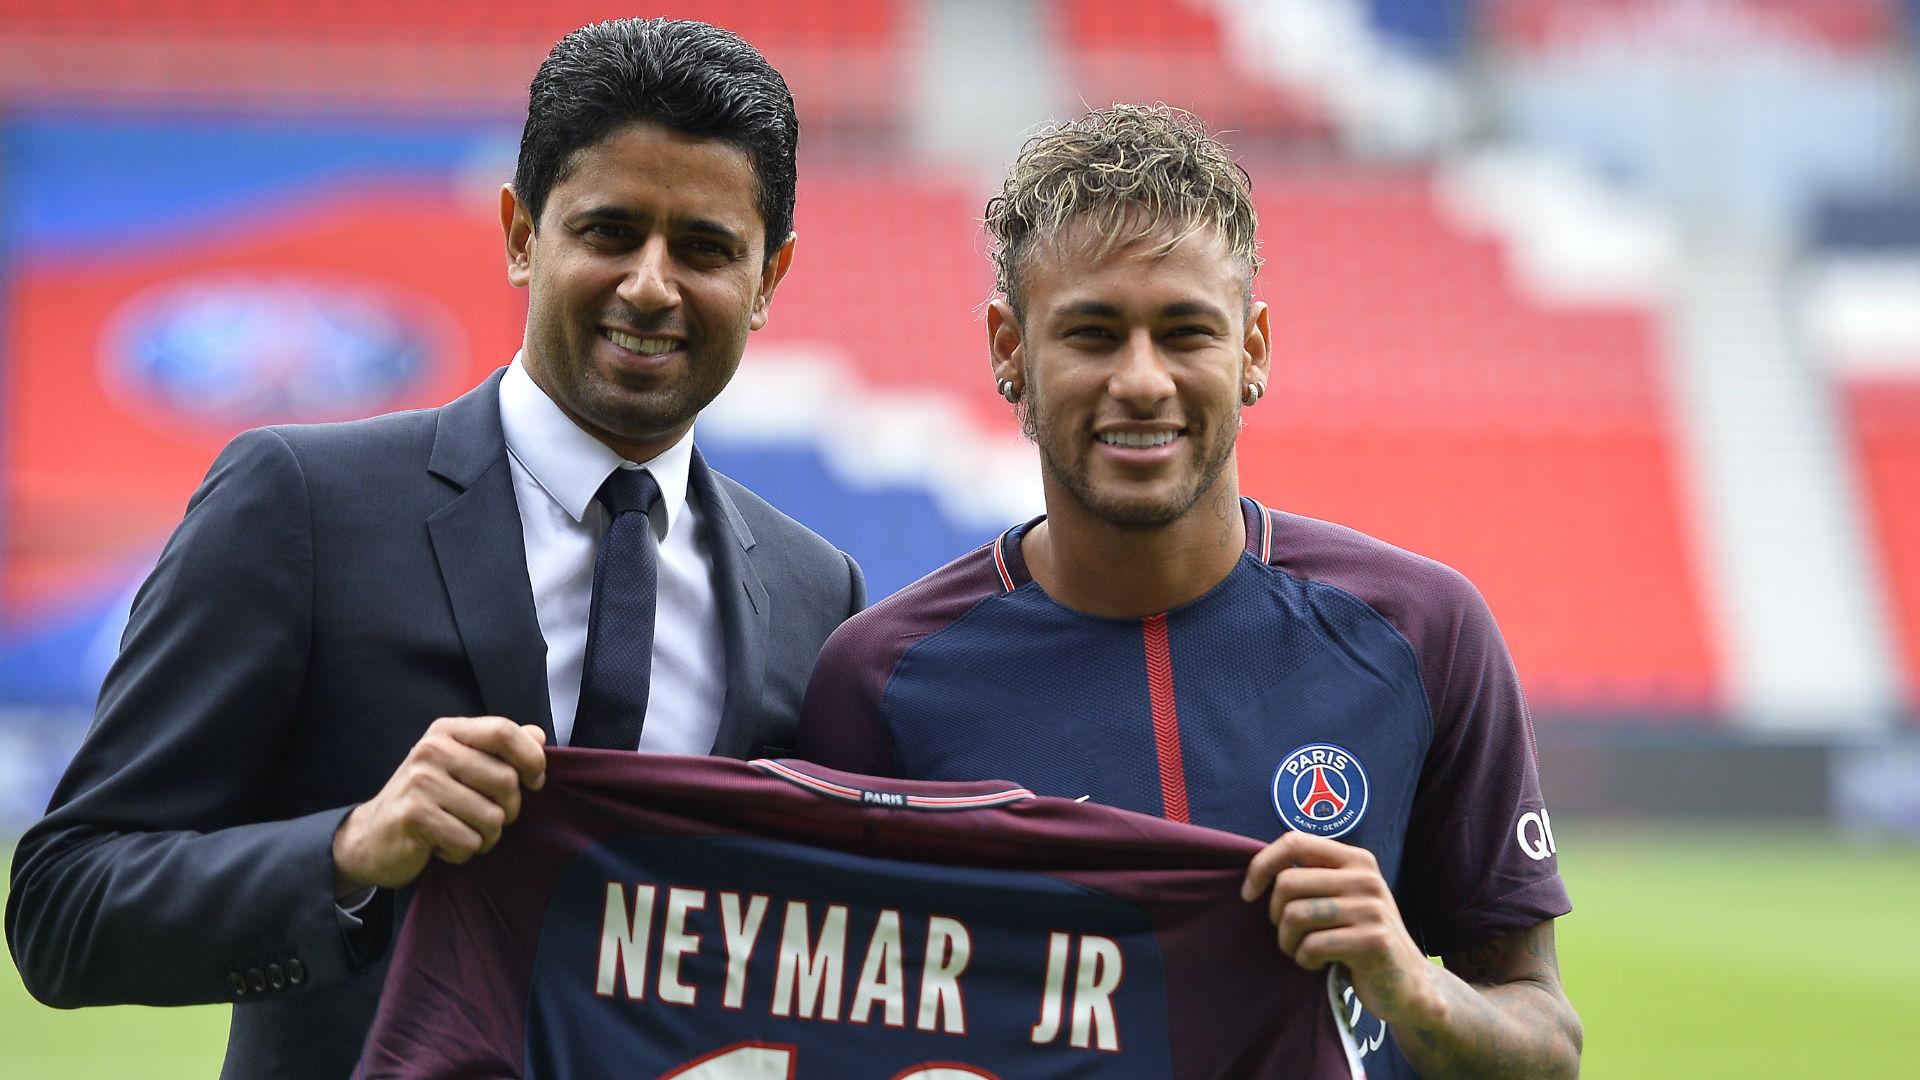 Mercato - PSG : 100 millions d'euros + Dembélé + Semedo pour laisser partir Neymar ?